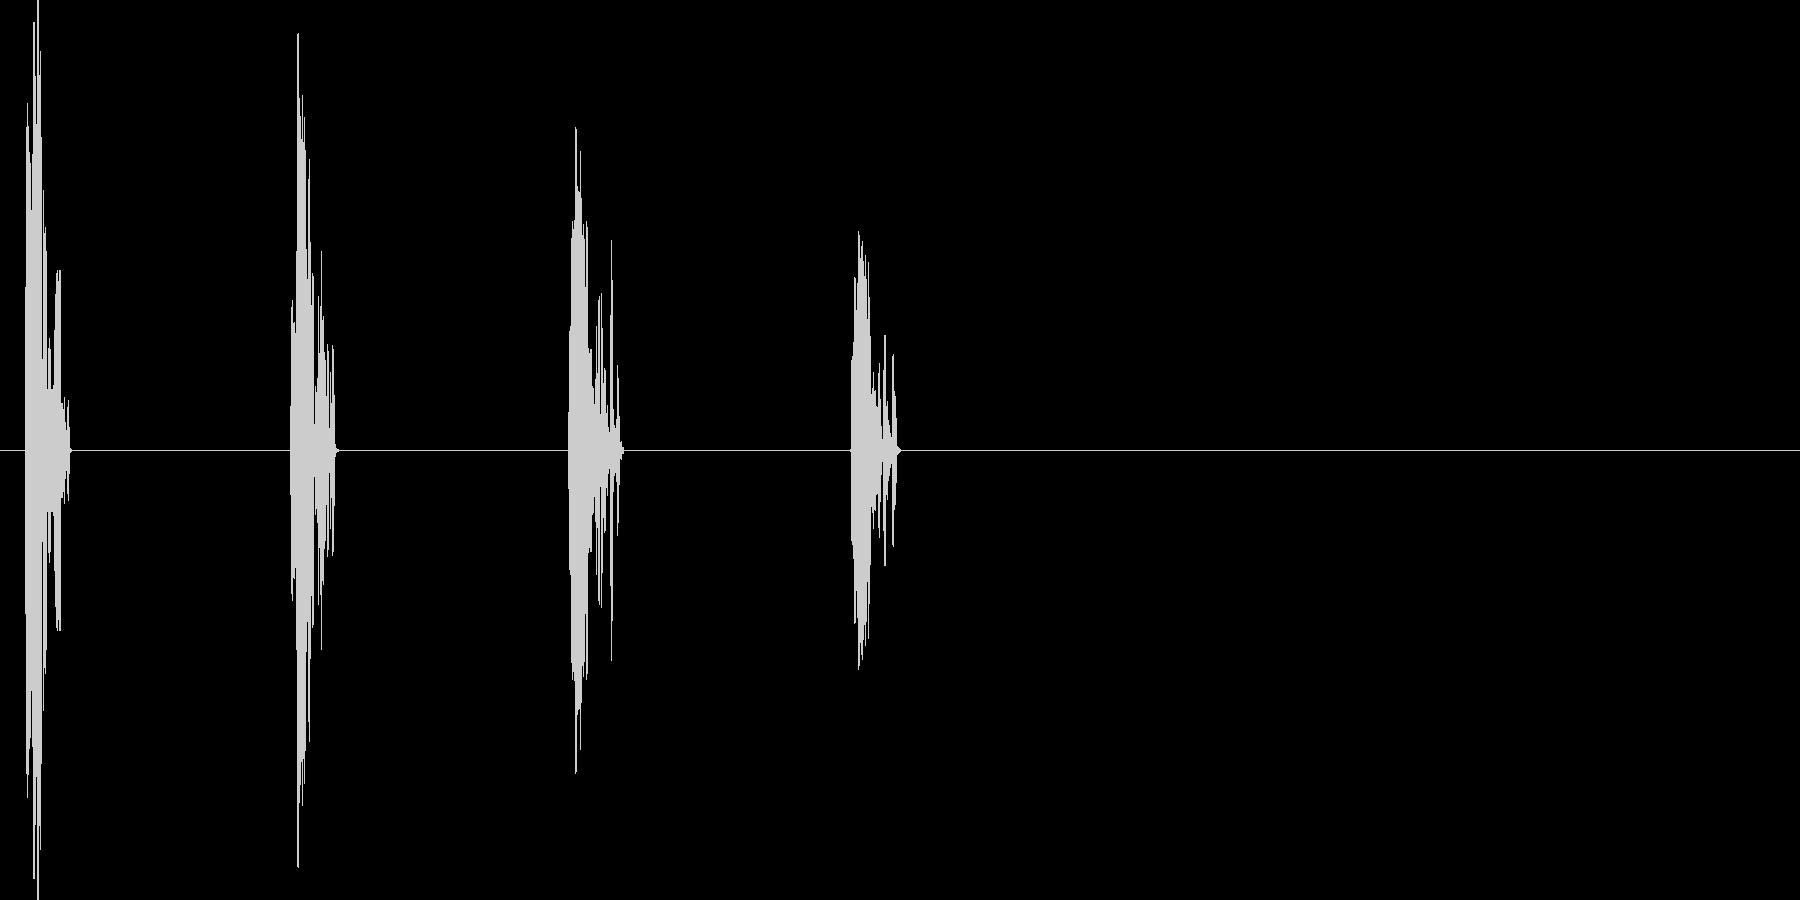 ファミコン風、階段移動の効果音ですの未再生の波形